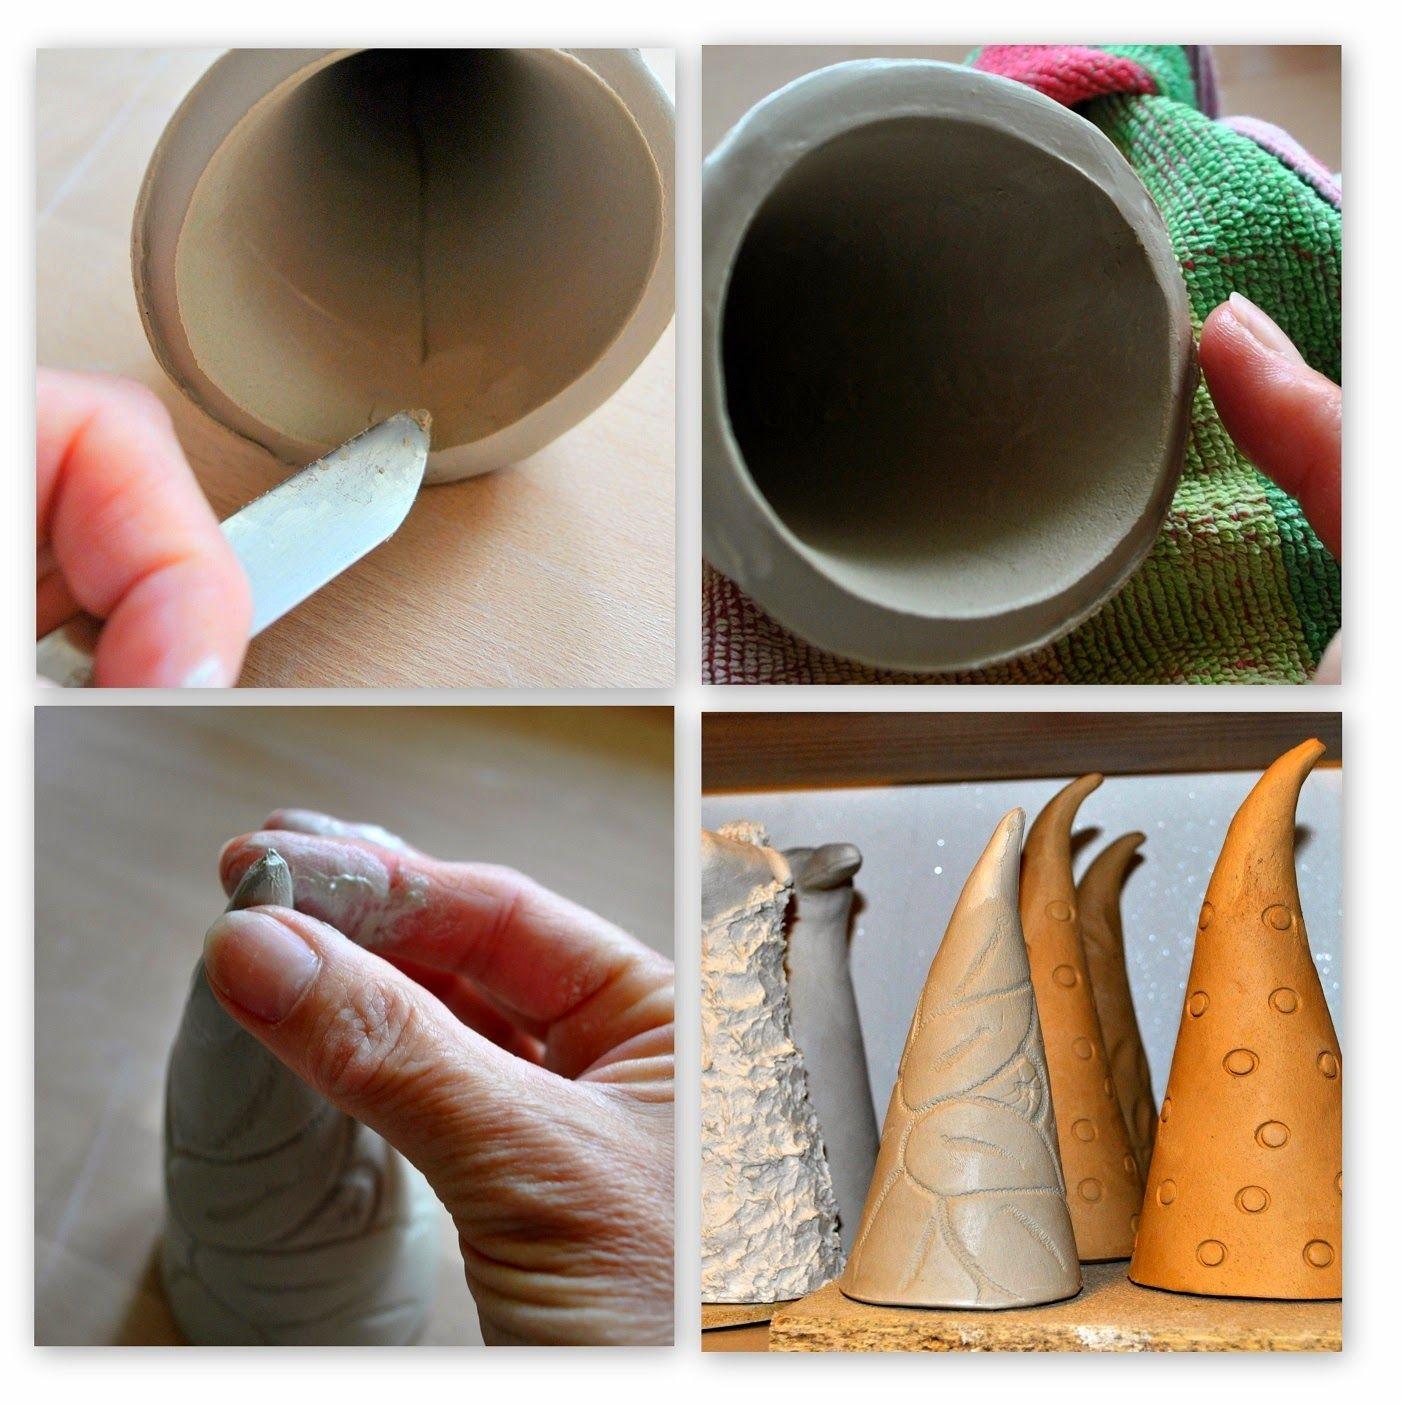 schritt f r schritt anleitung ber die herstellung eines keramik k ferzipfels ein insektenhotel. Black Bedroom Furniture Sets. Home Design Ideas